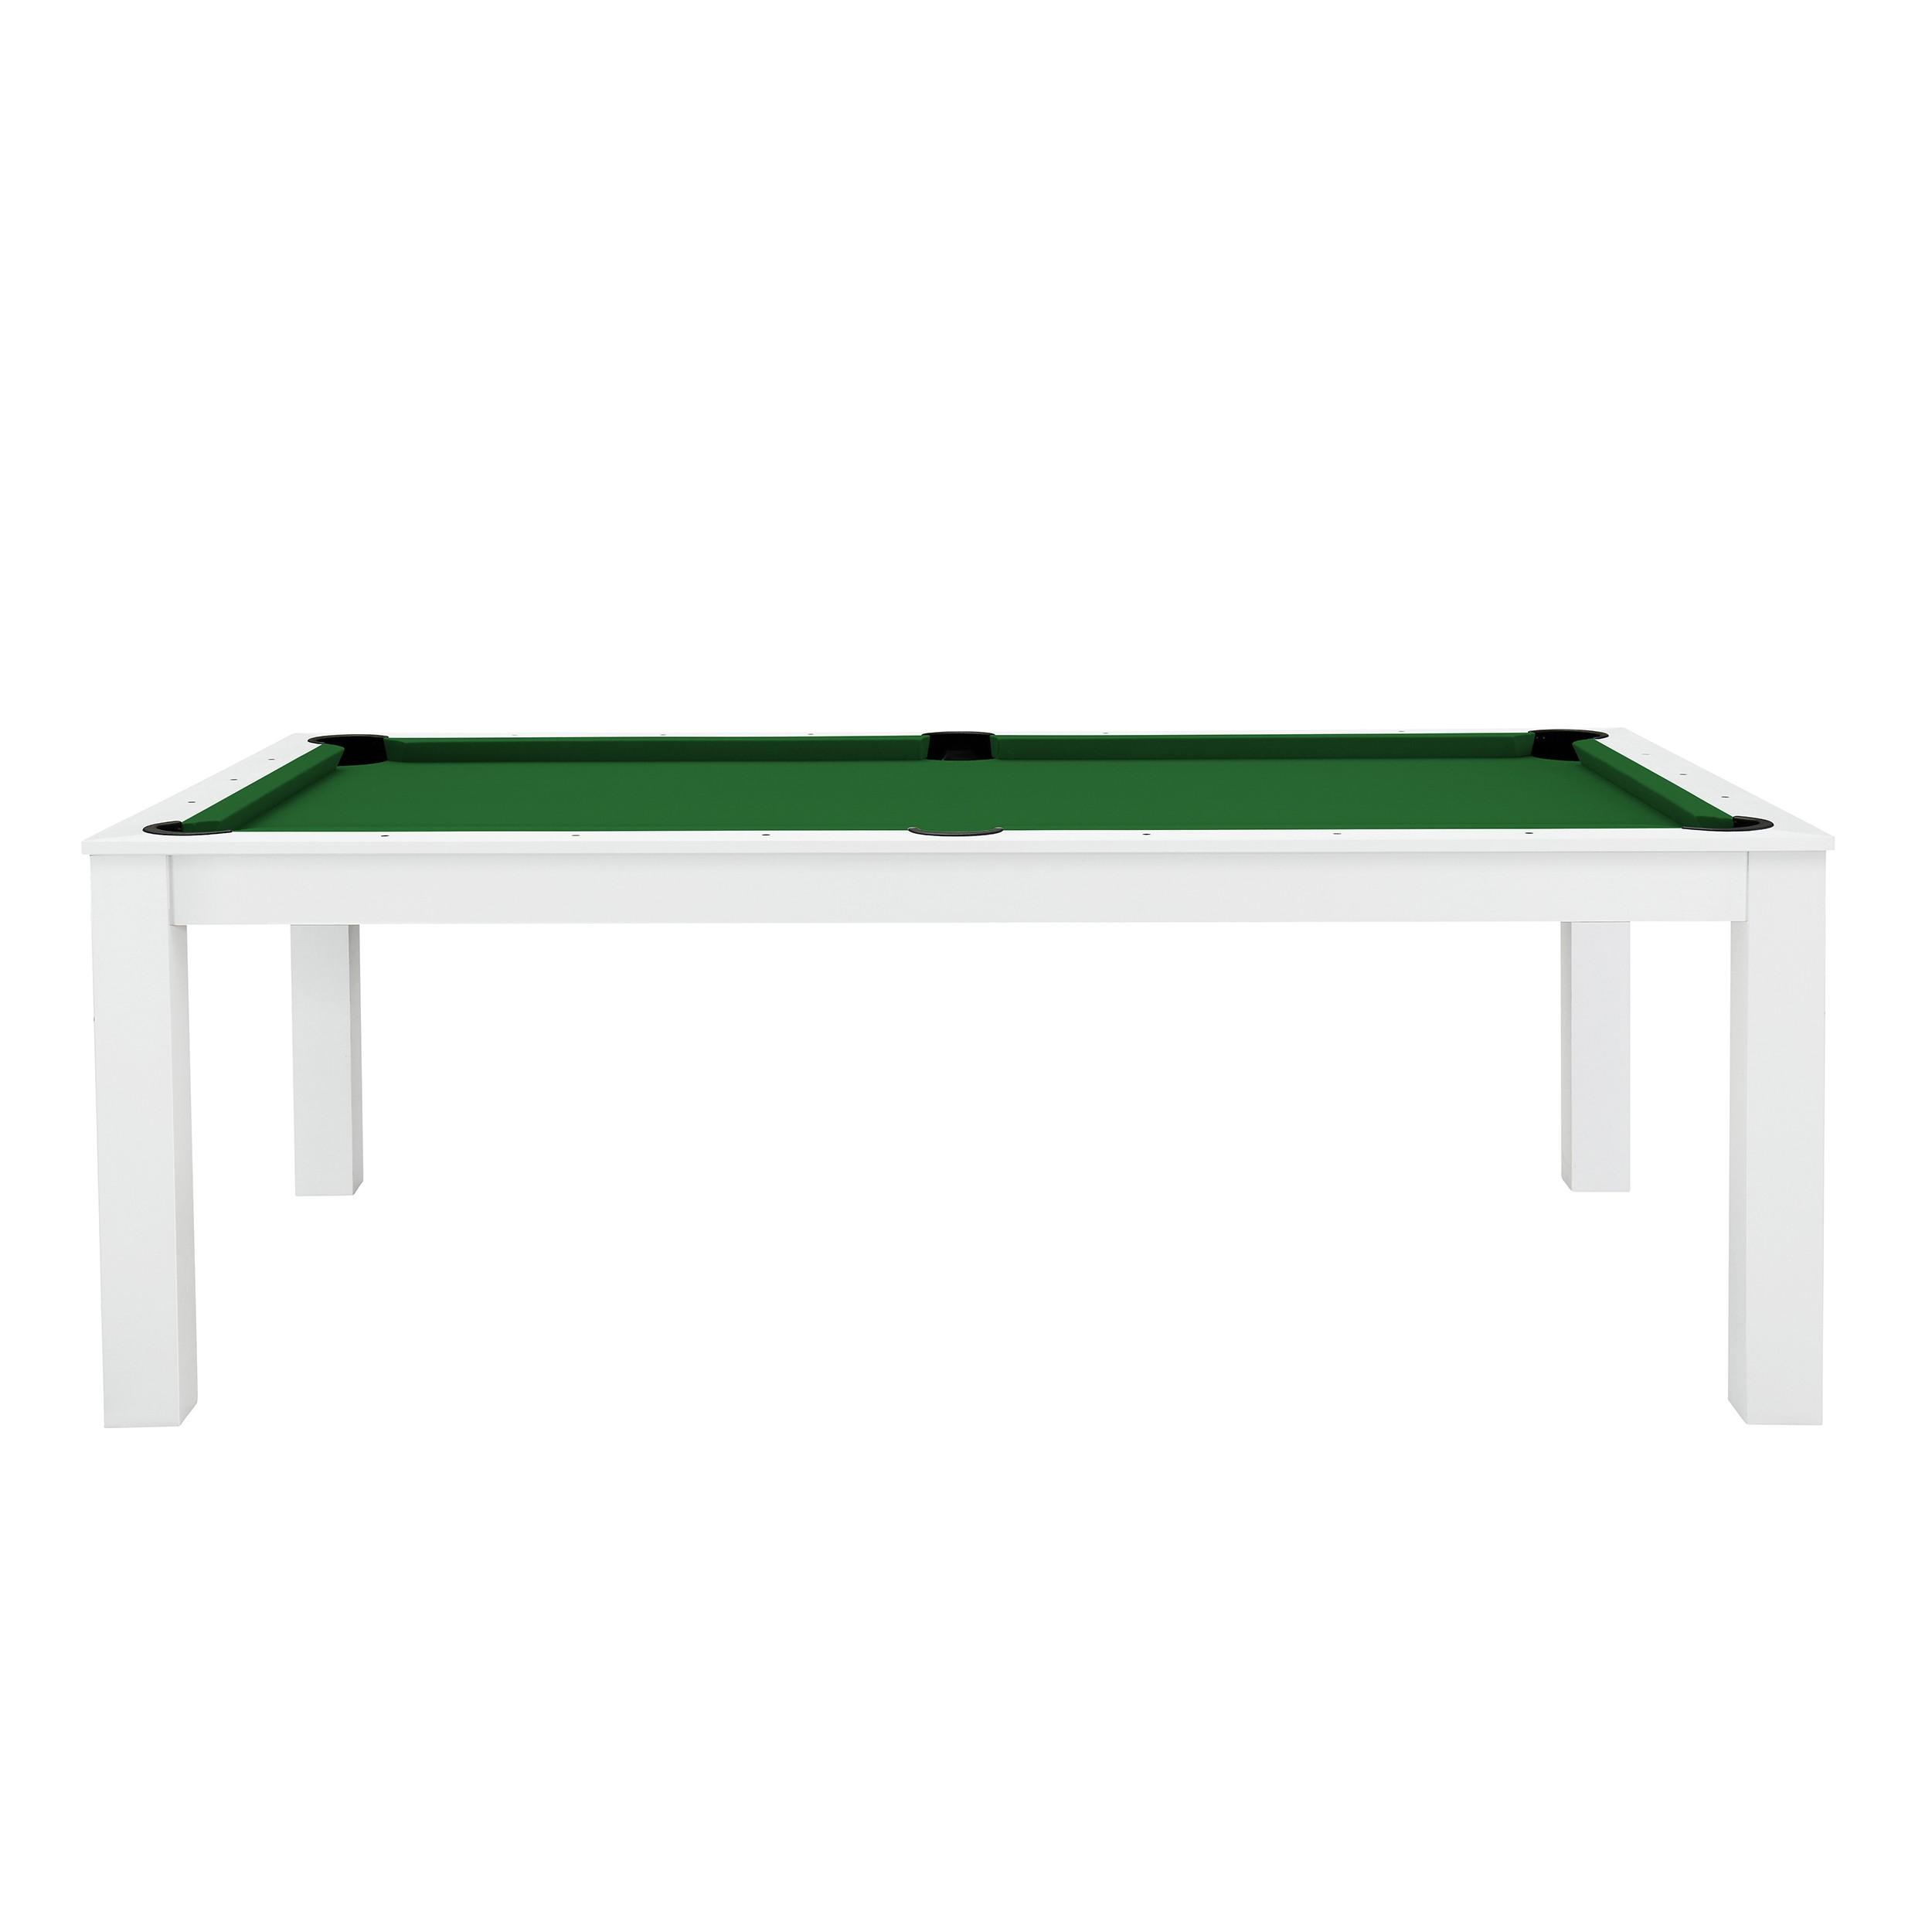 billard table convertible blanc tapis vert previous - Billard Table Convertible